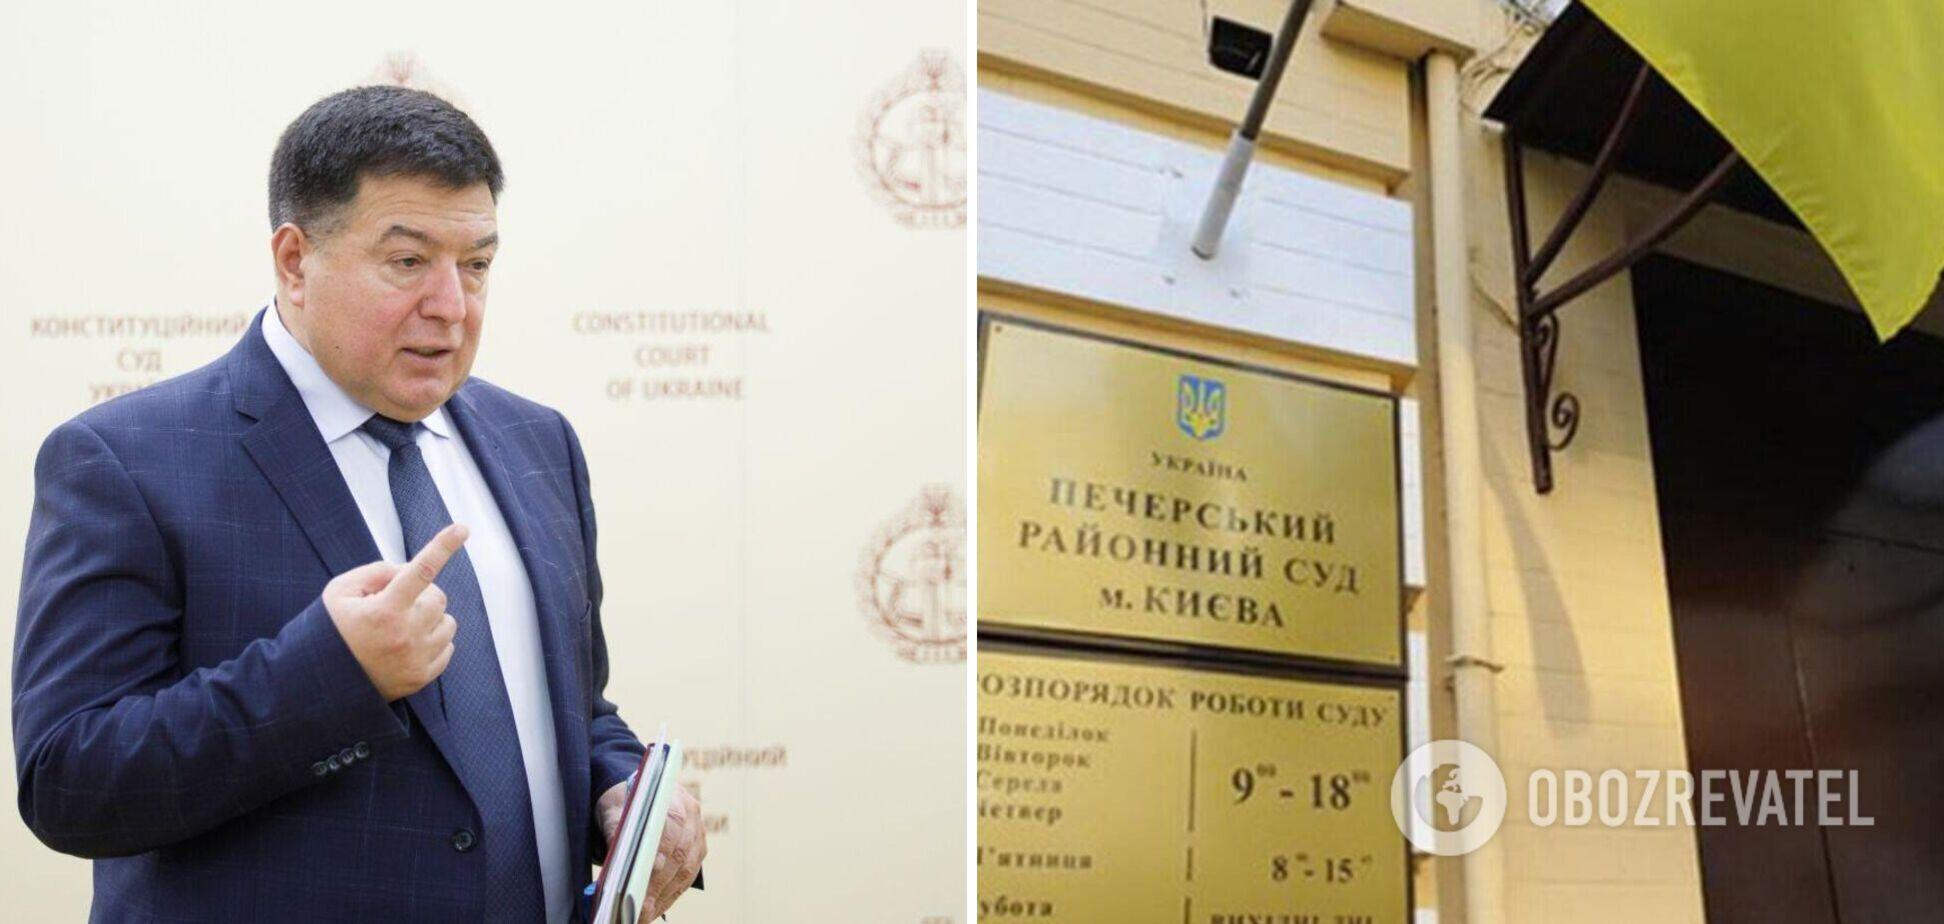 Тупицький не з'явився на суд, і прокуратура вимагала відводу судді